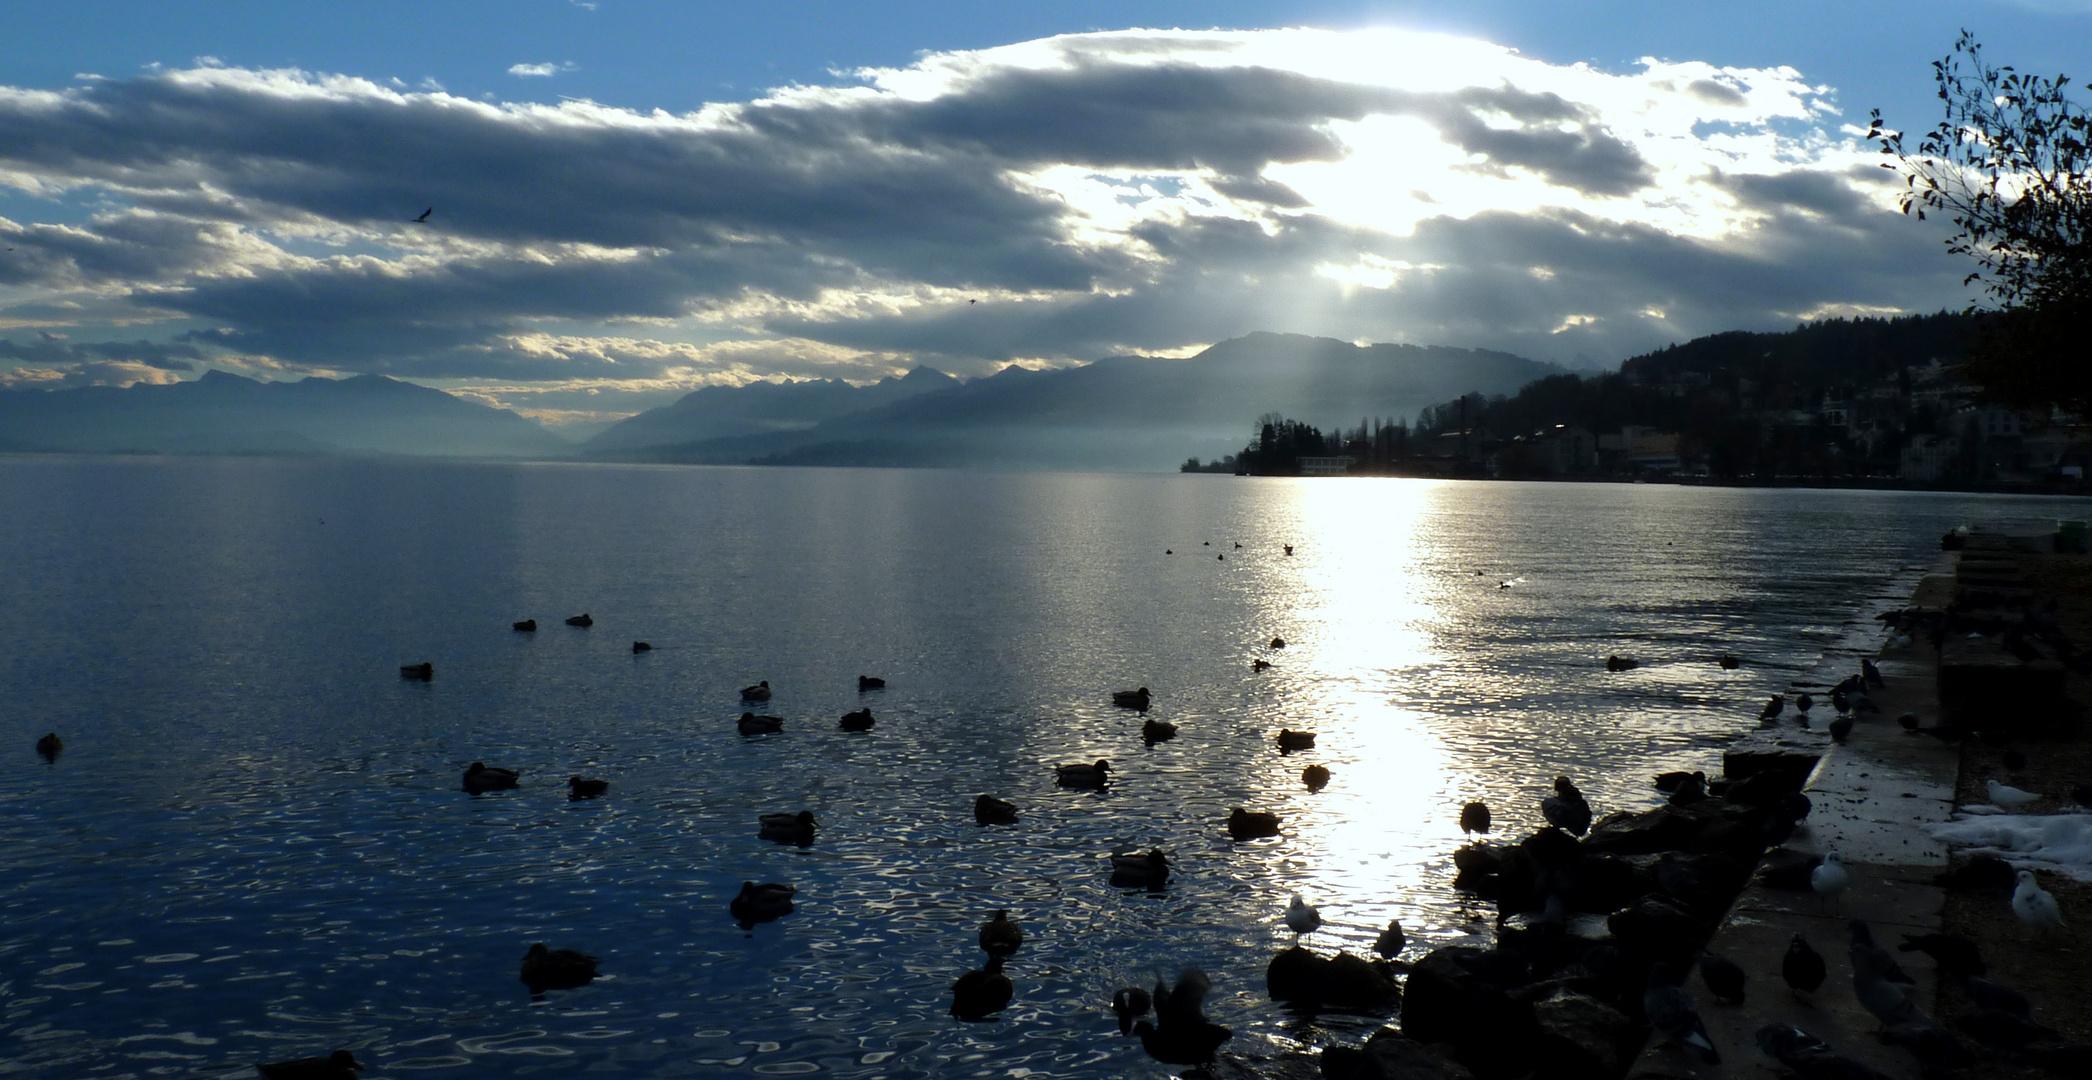 Lac de Zurich / Lago de Zurich / Zürichsee